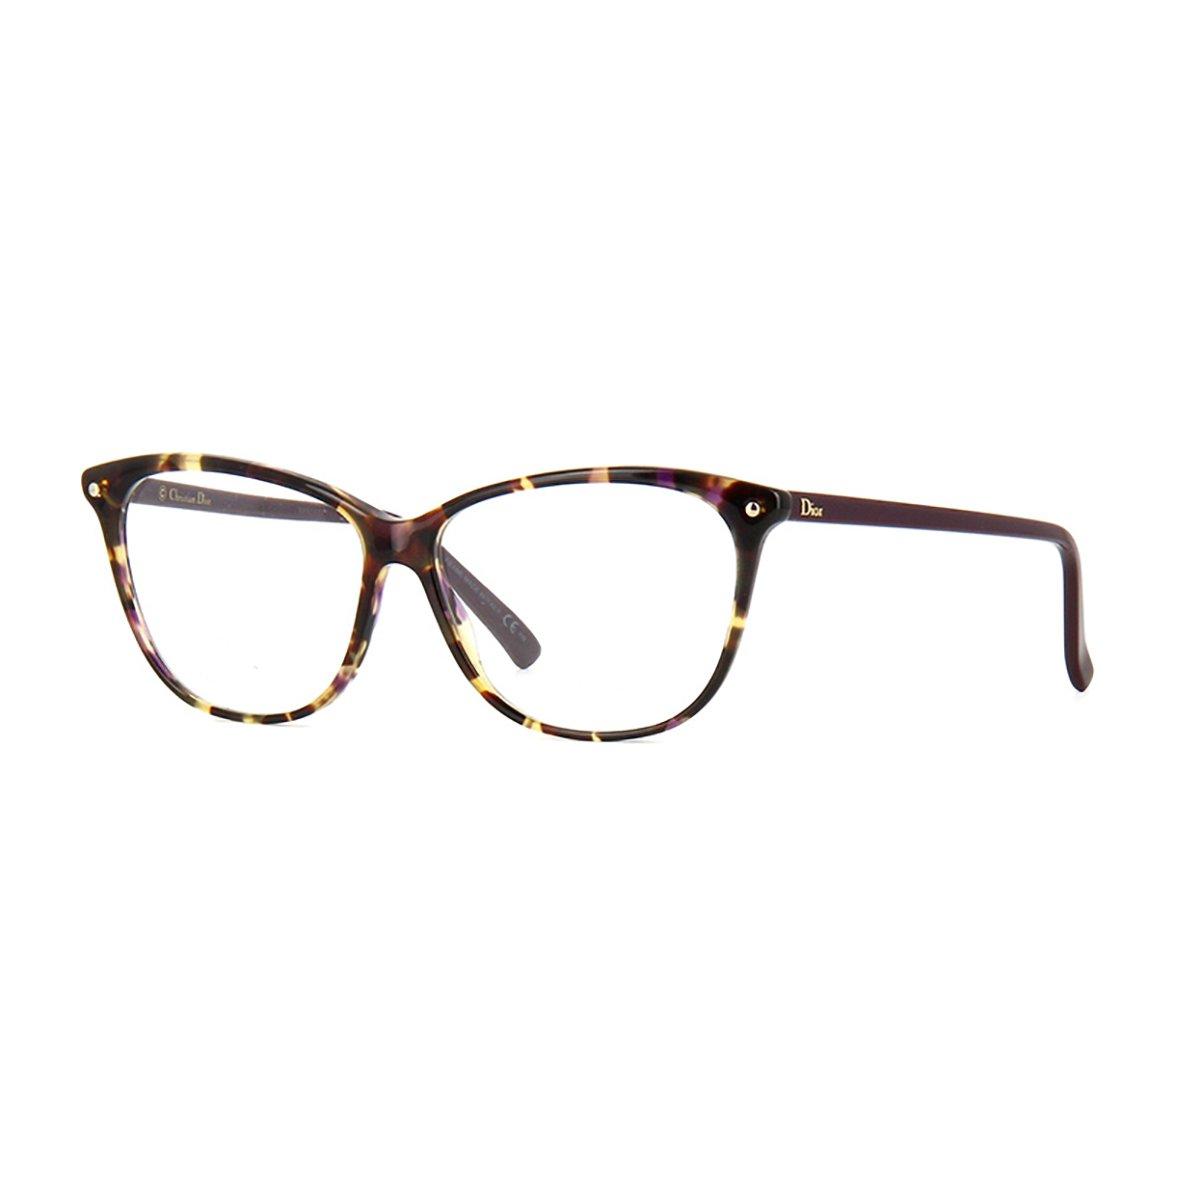 5b556f7ac Compre Óculos de Grau Dior em 10X   Tri-Jóia Shop